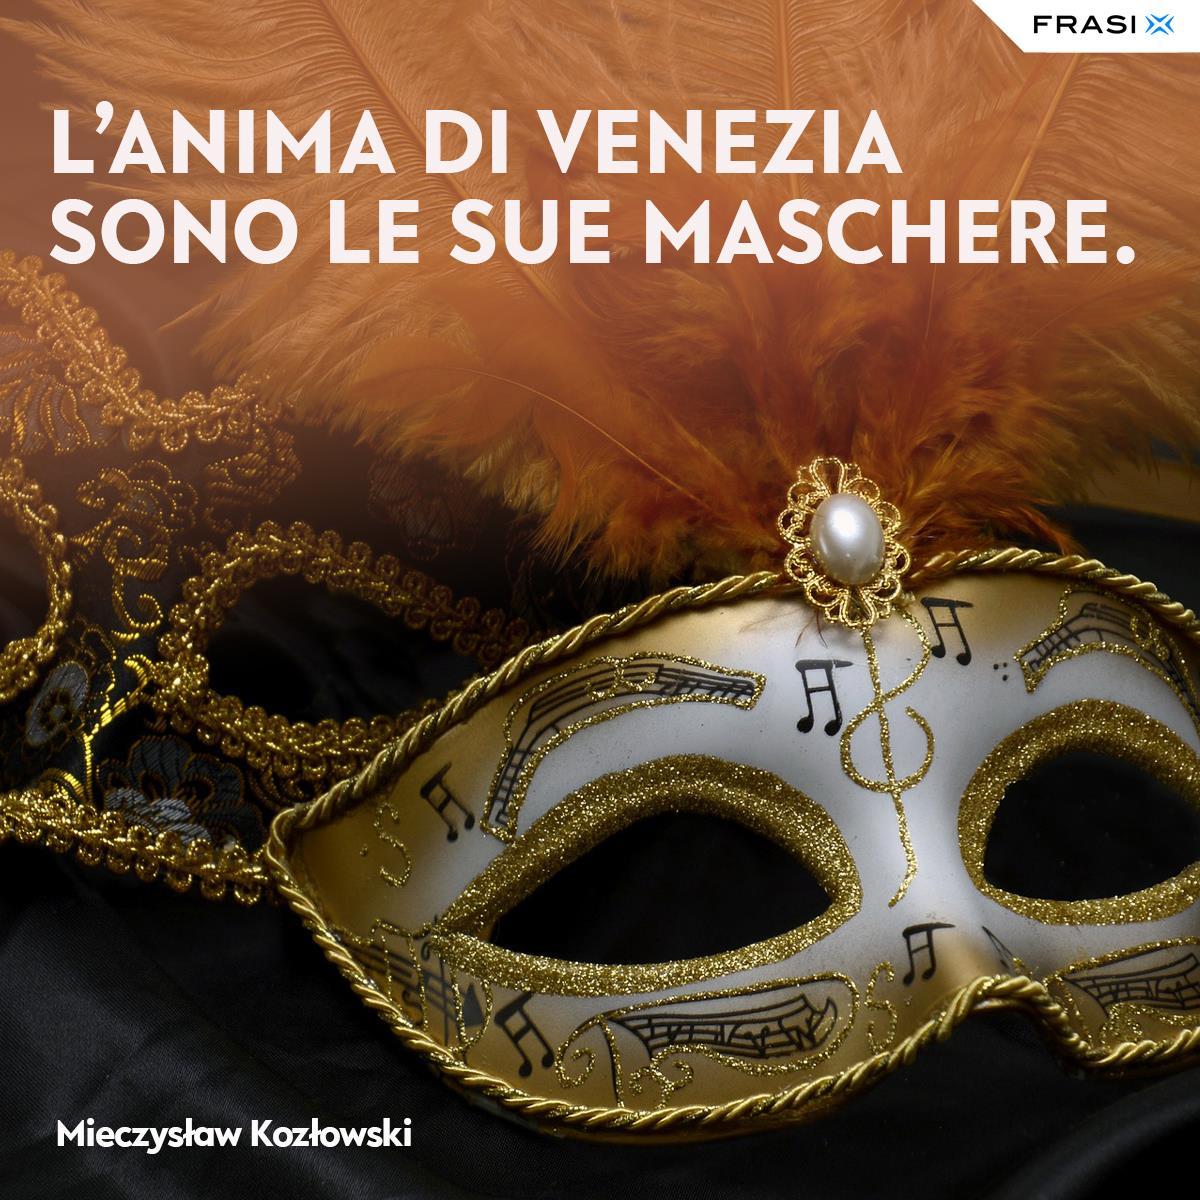 Frasi sulle maschere di Venezia Mieczysław Kozłowski